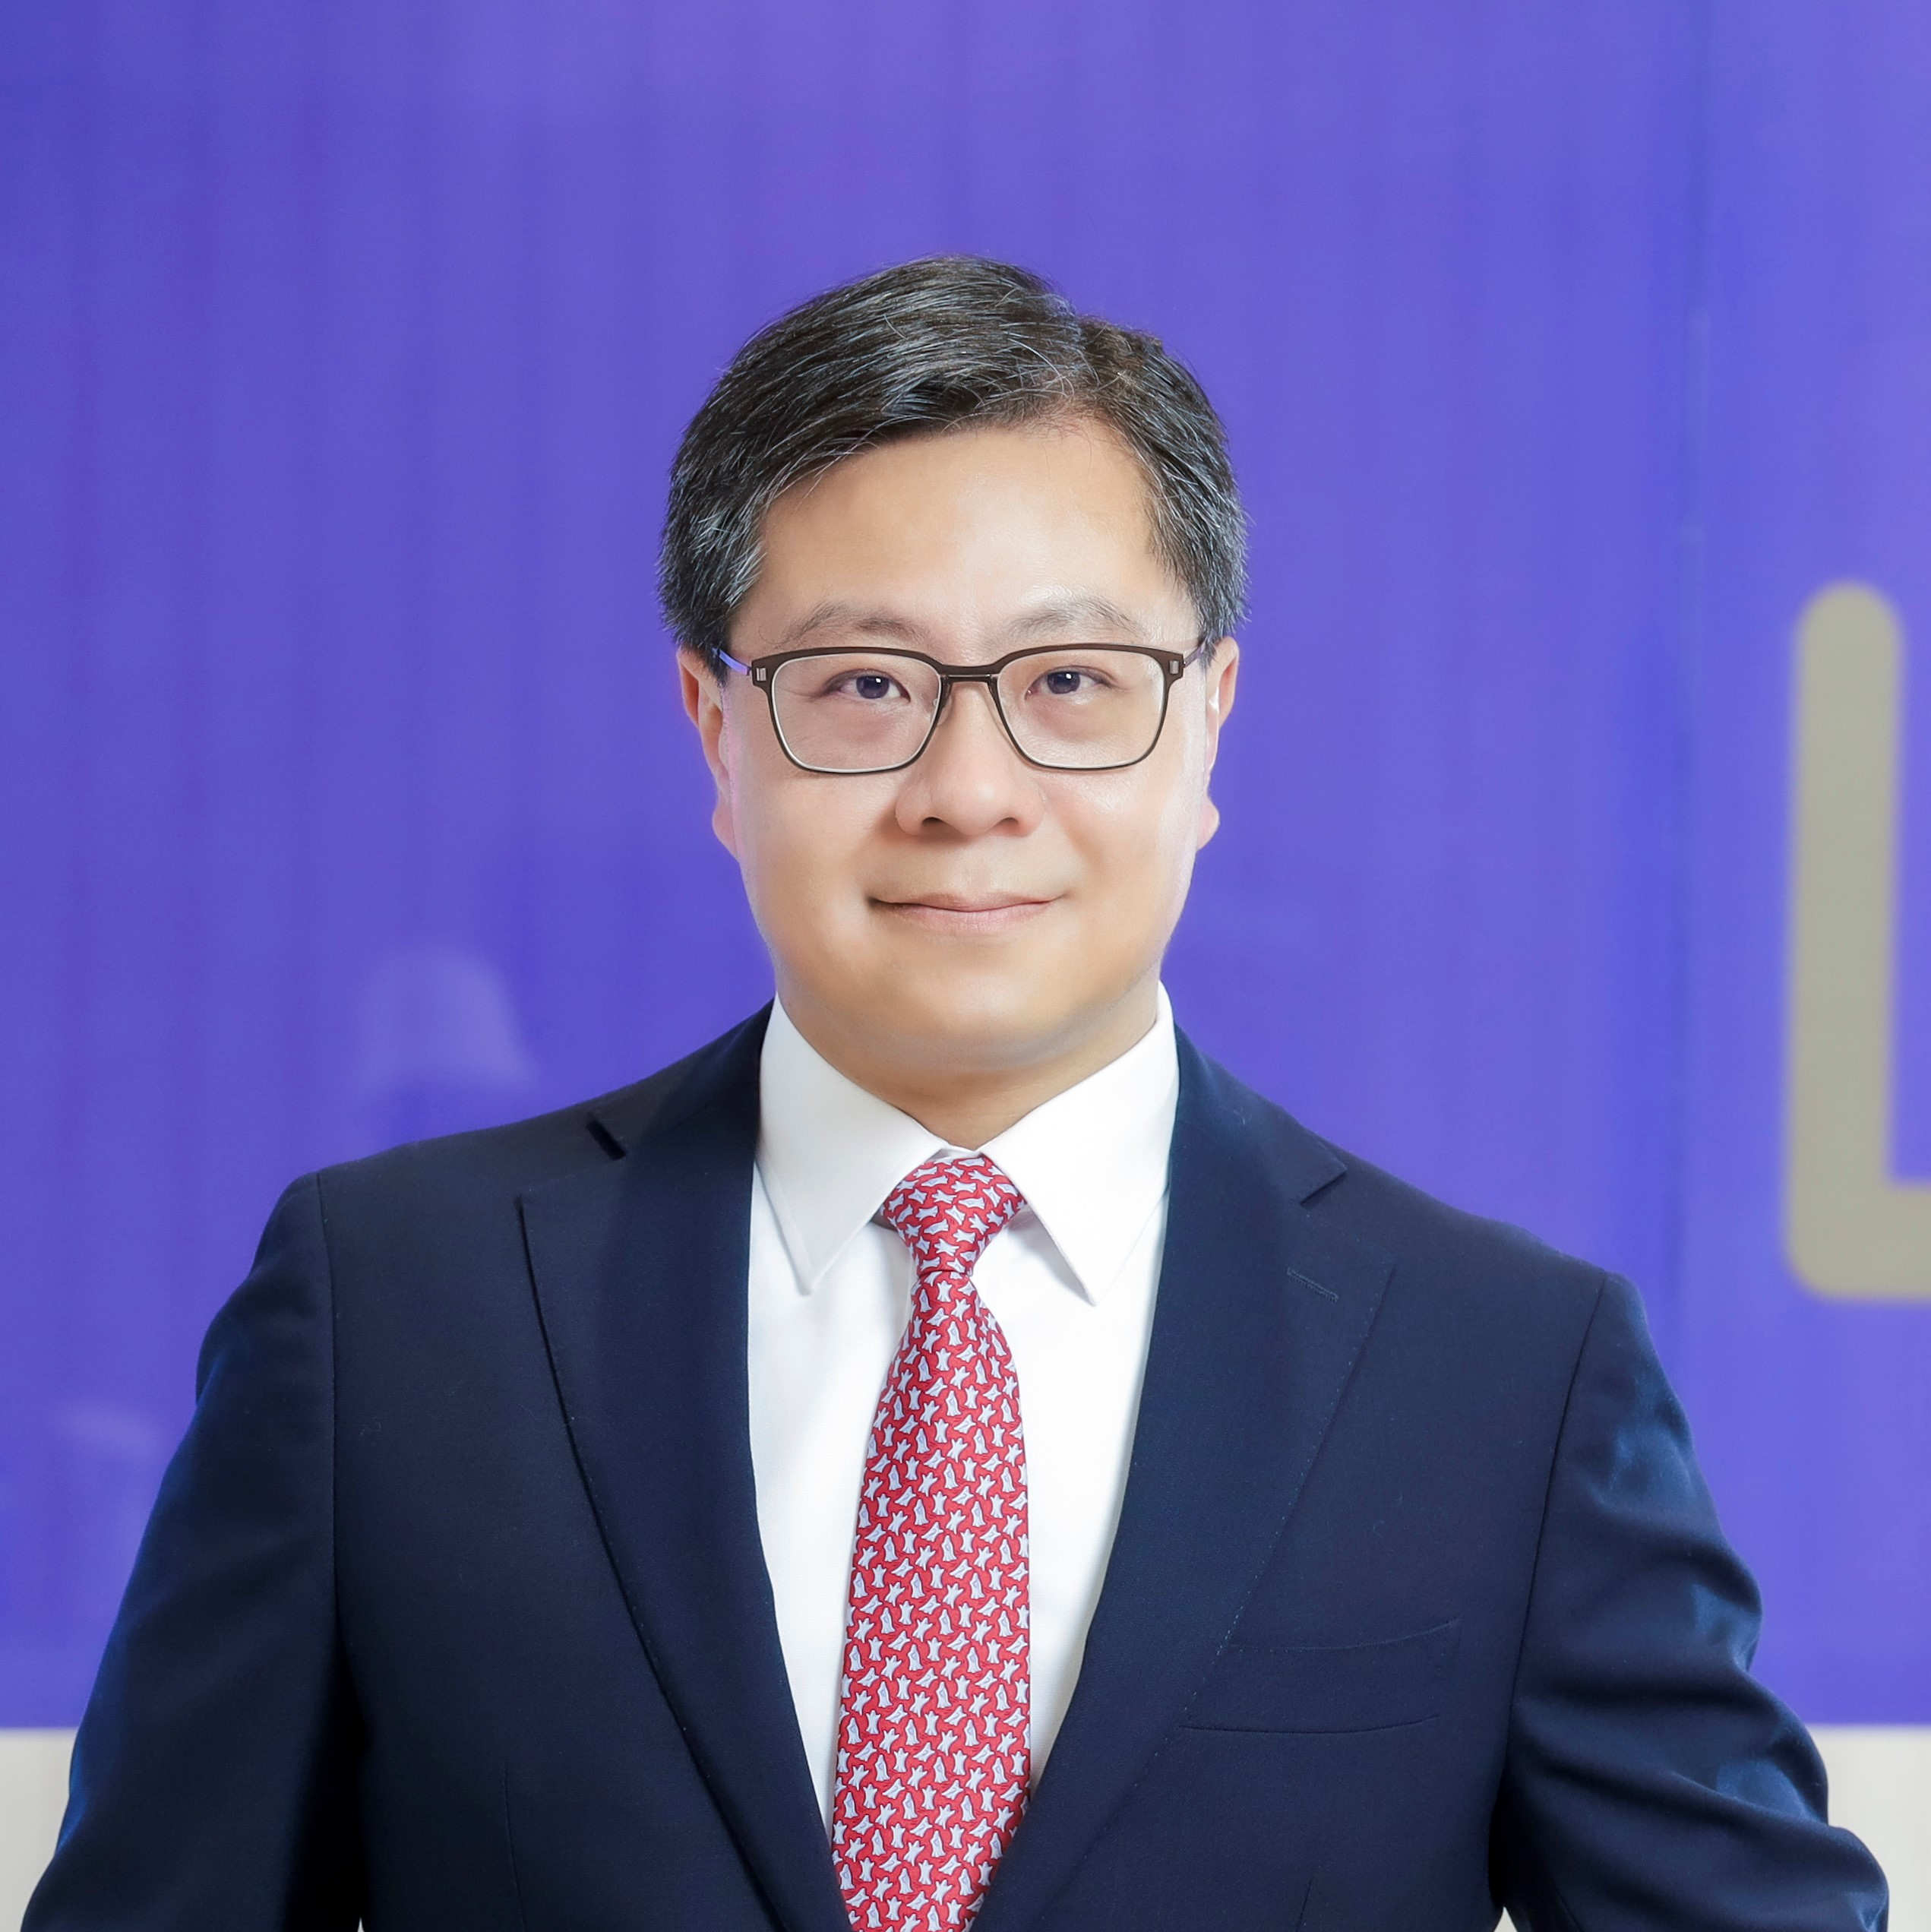 Eric Yau